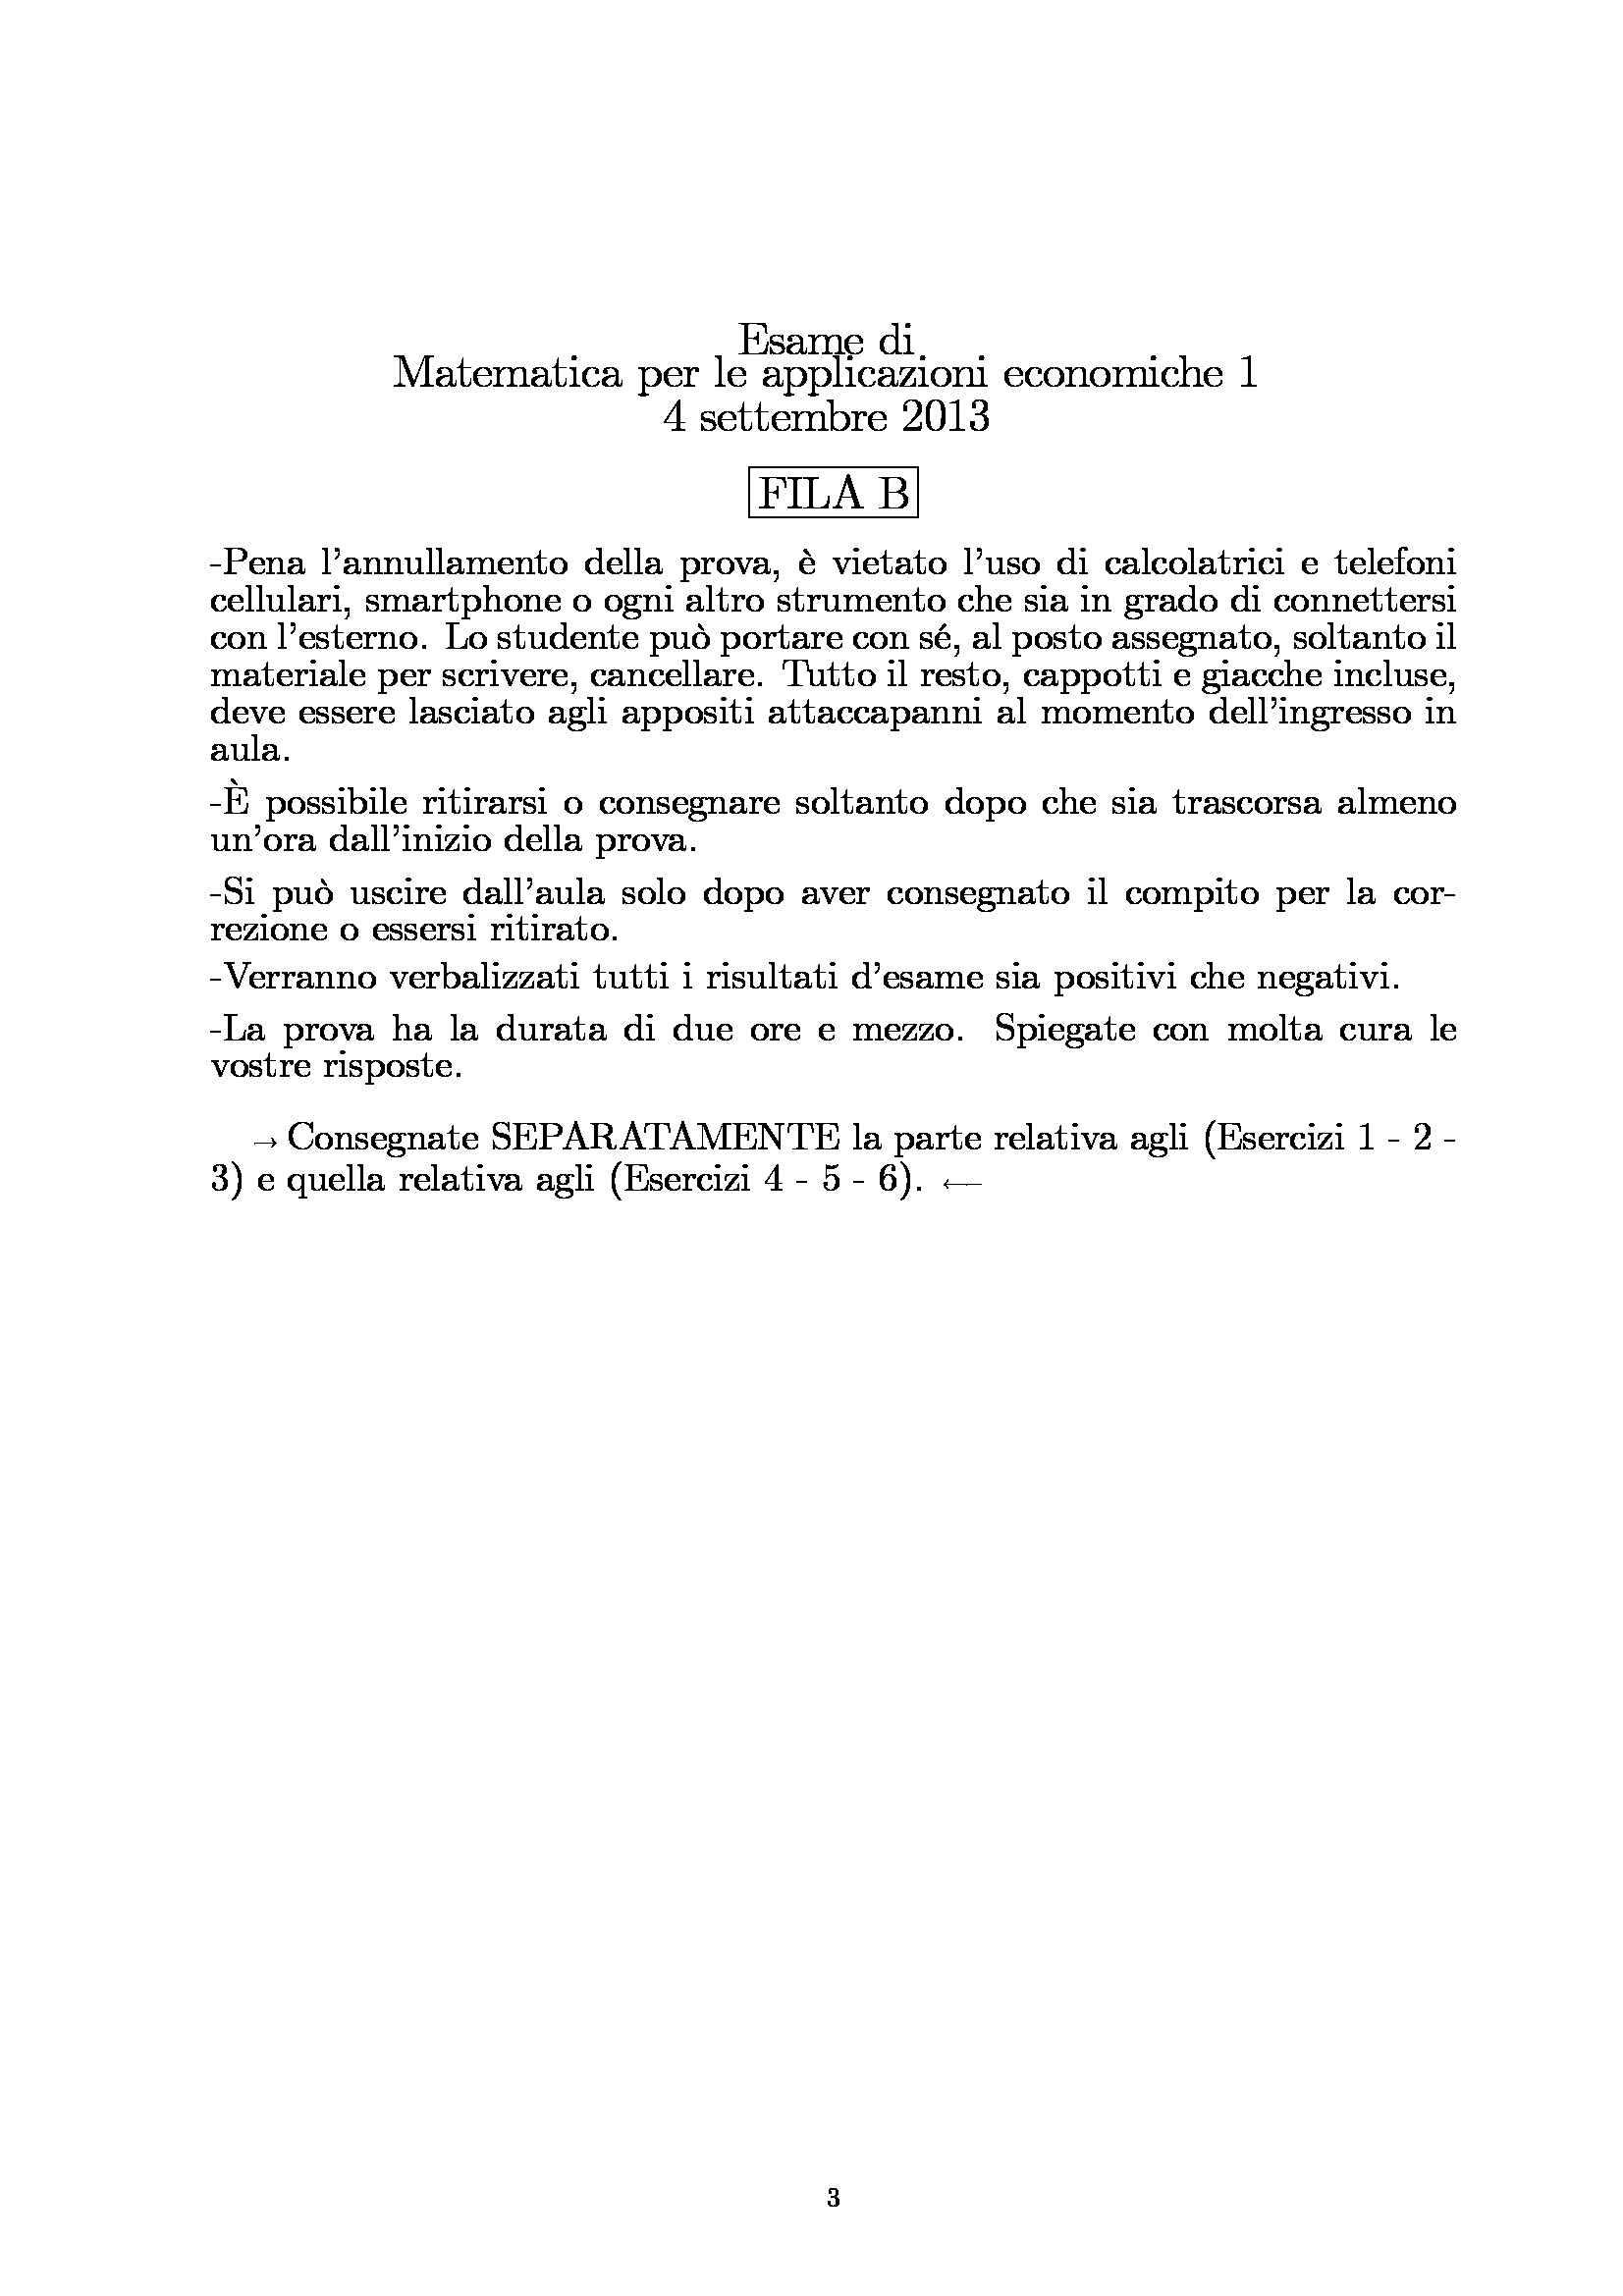 Matematica per le applicazioni economiche - esercizi Pag. 41